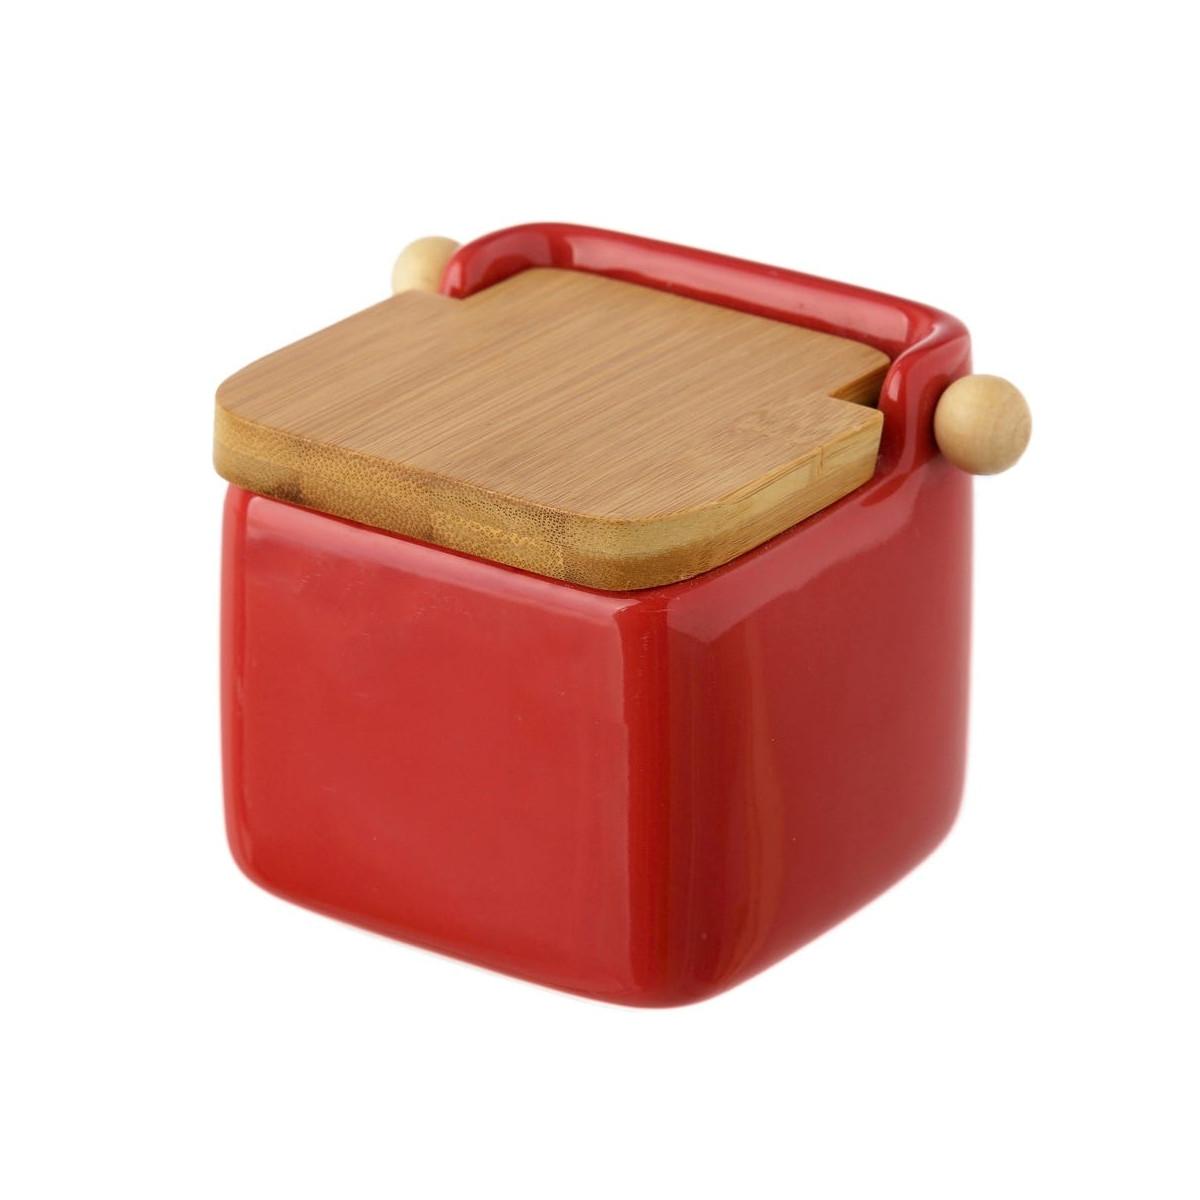 Pot à sel en céramique rouge et couvercle bambou - 12x12x11cm